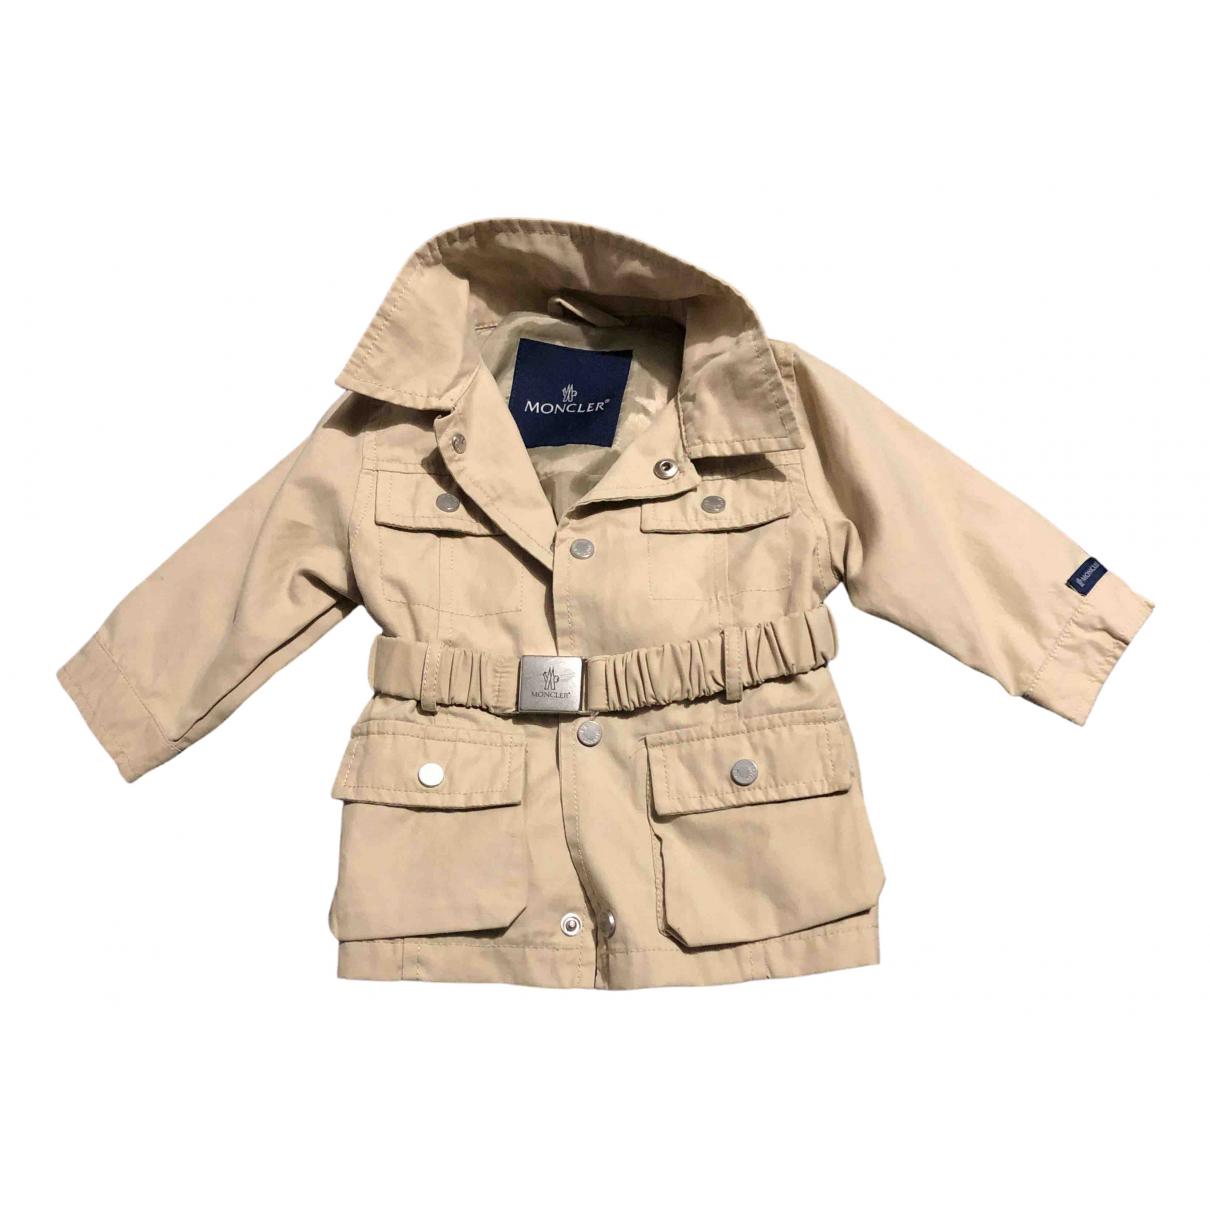 Moncler N Beige Cotton jacket & coat for Kids 6 months - up to 67cm FR